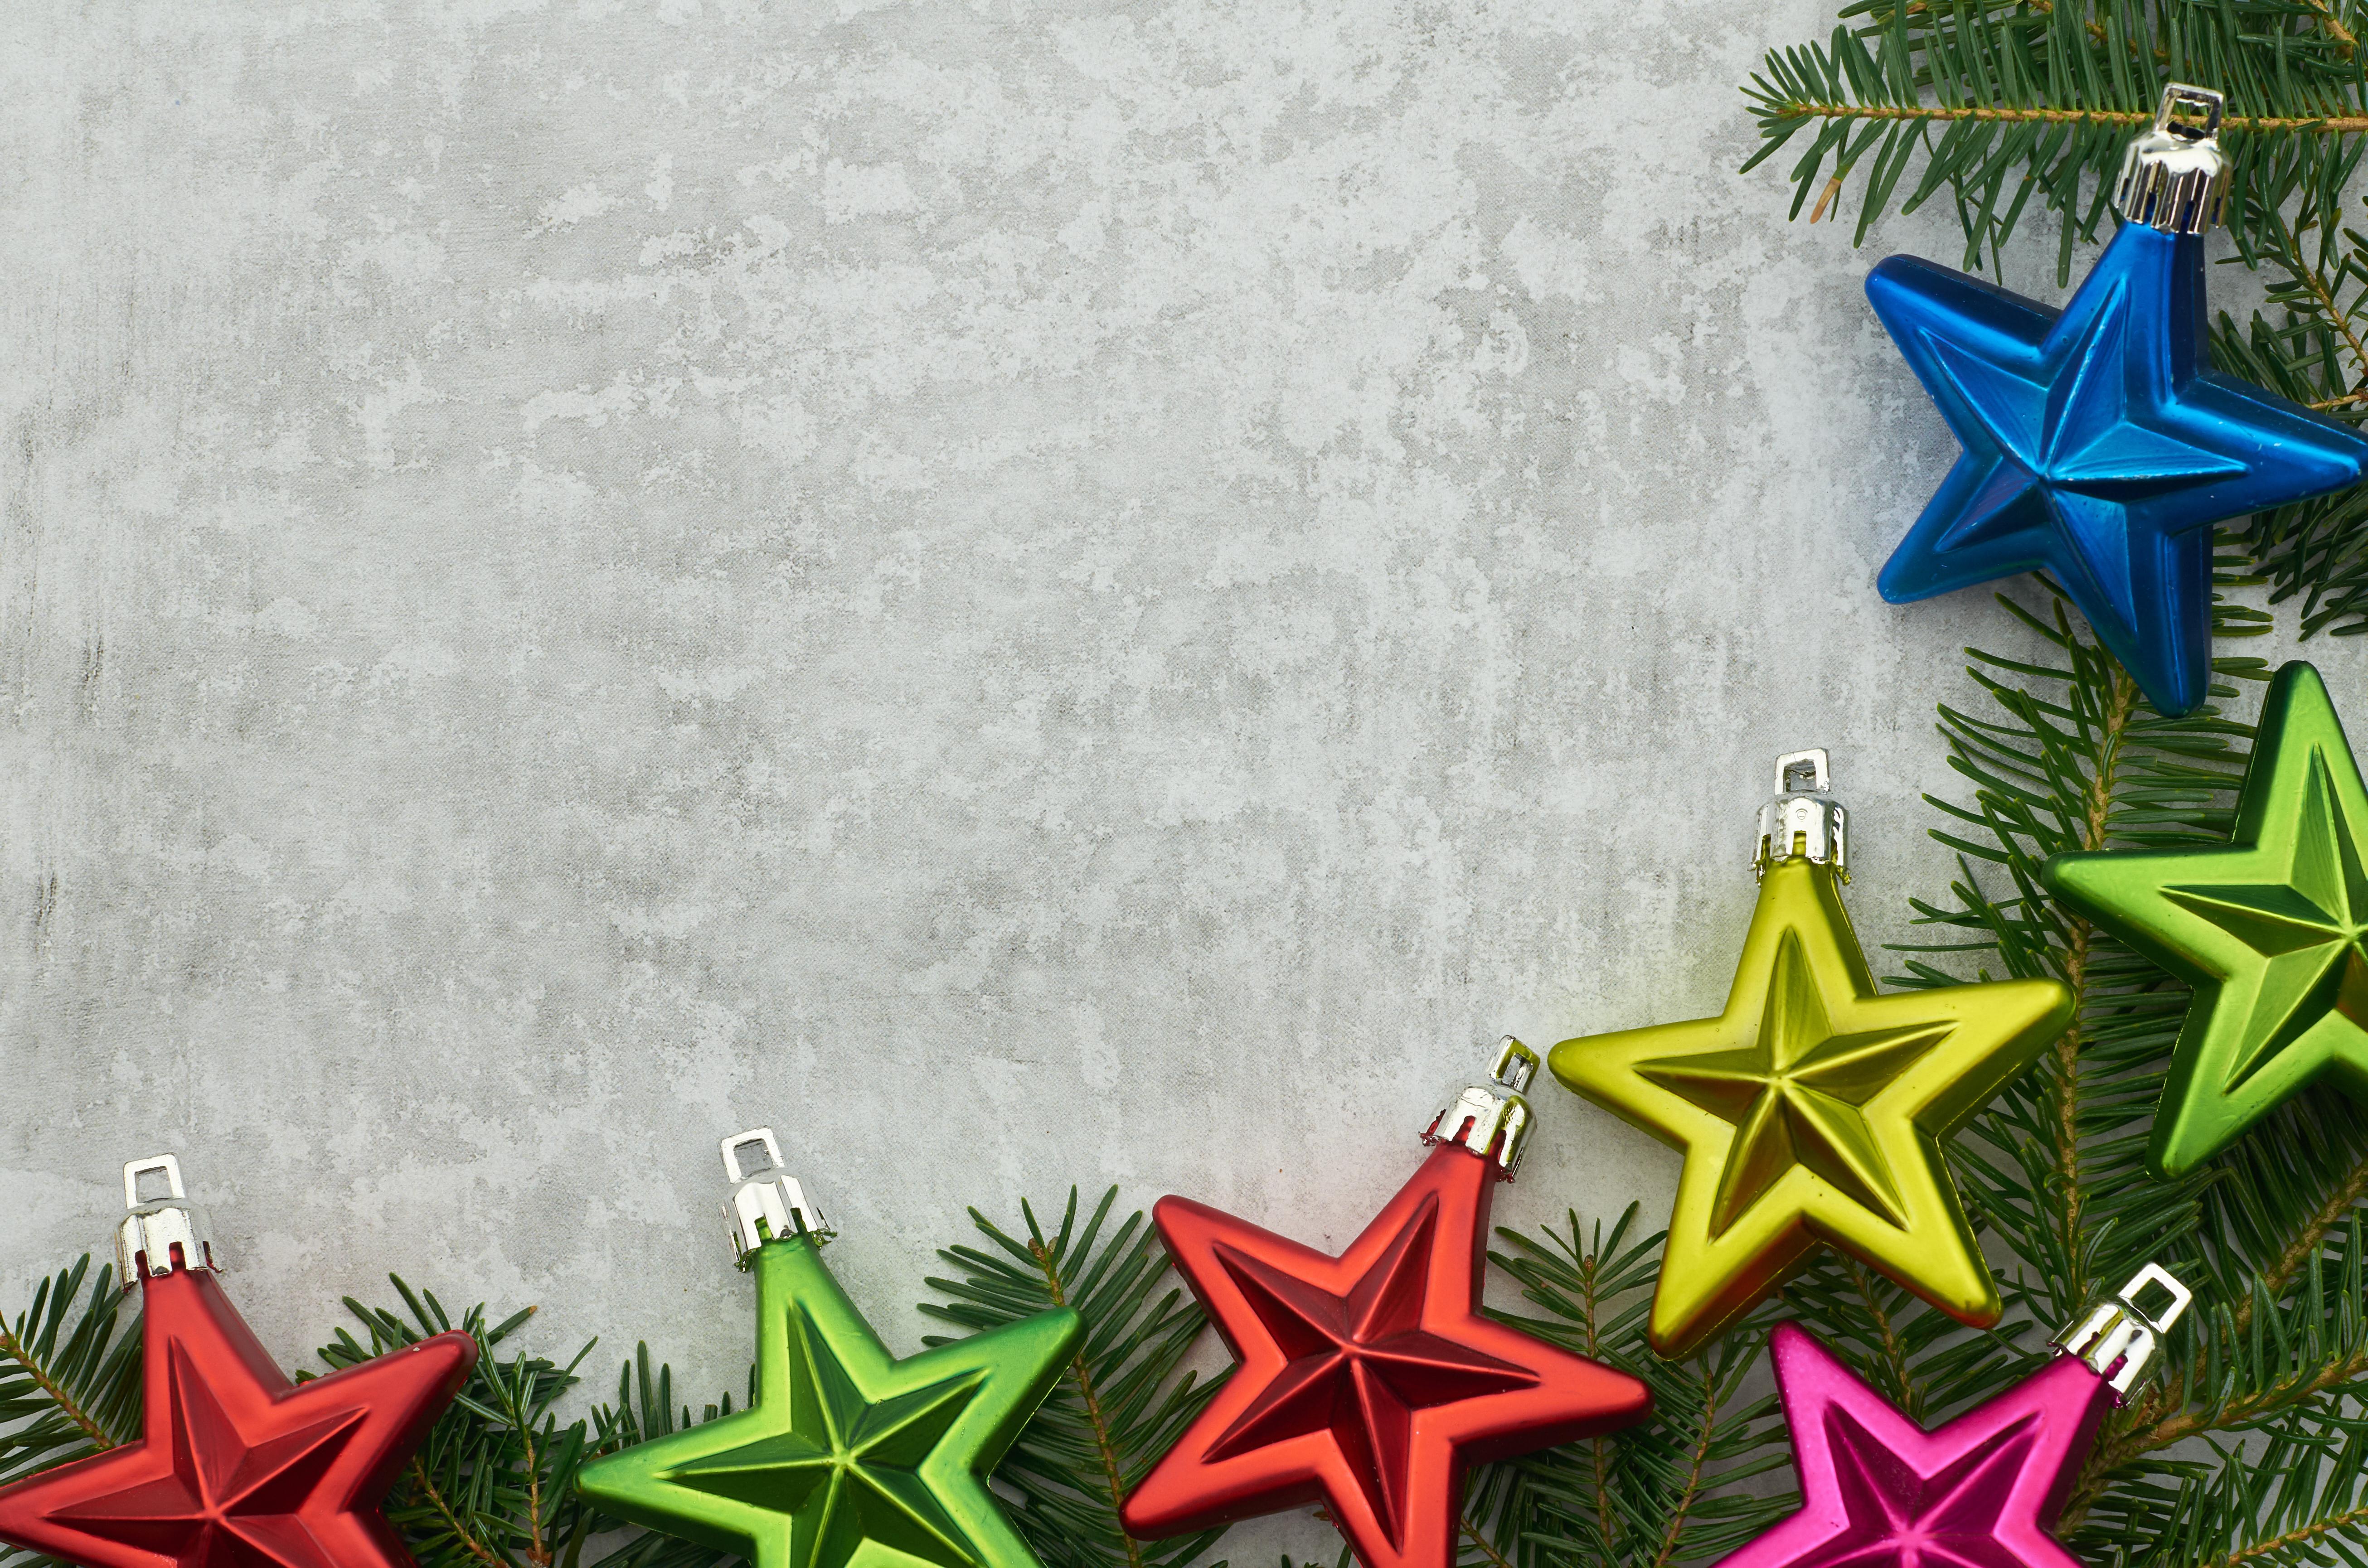 61562 Hintergrundbild herunterladen Weihnachten, Feiertage, Sterne, Neujahr, Dekoration, Neues Jahr, Geäst, Zweige - Bildschirmschoner und Bilder kostenlos